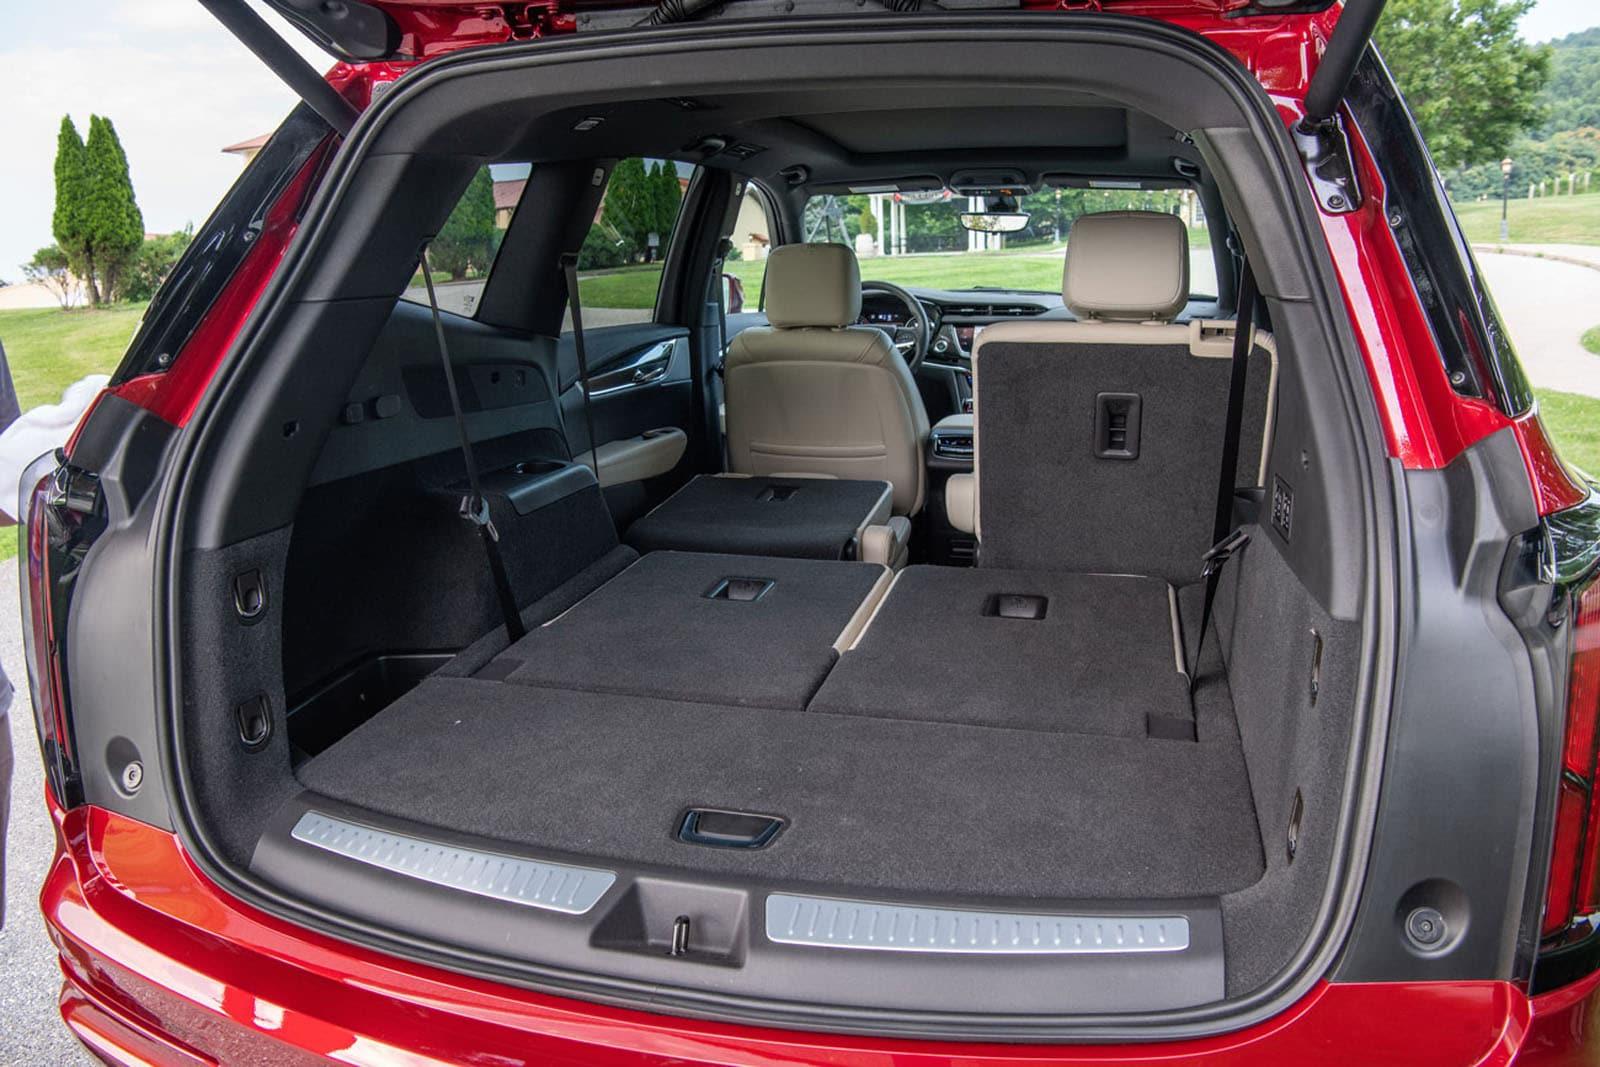 2020 Cadillac XT6 trunk